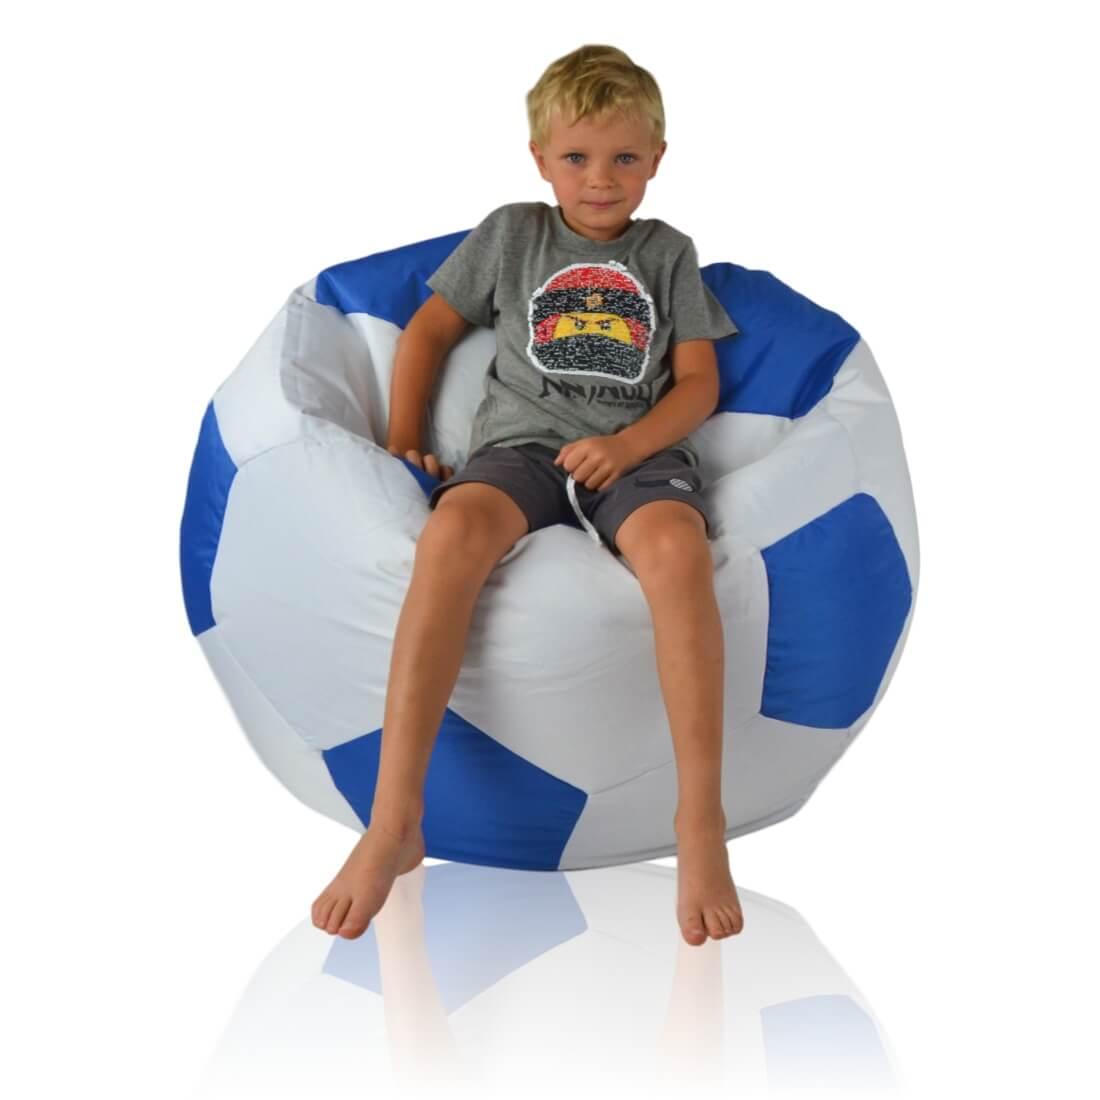 Fotbalový míč velký nylon modra